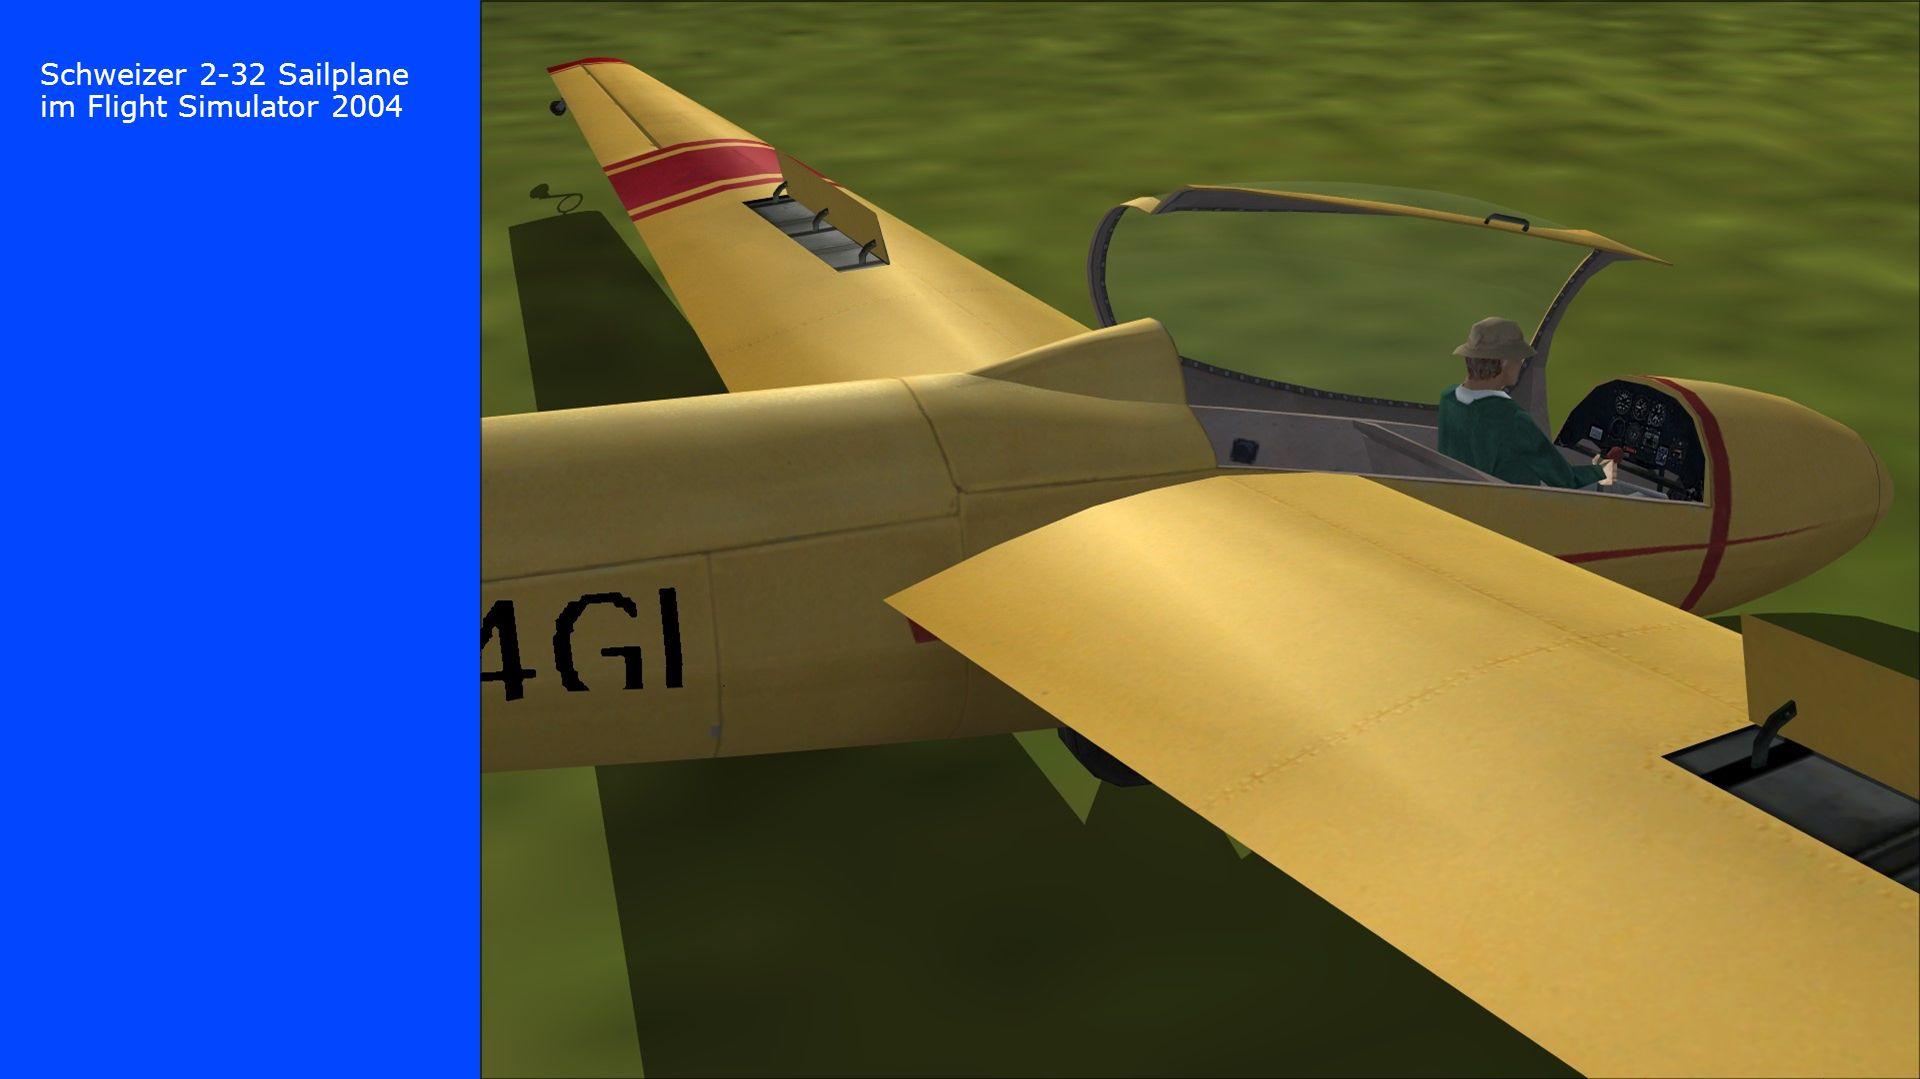 Schweizer 2-32 Sailplane im Flight Simulator 2004